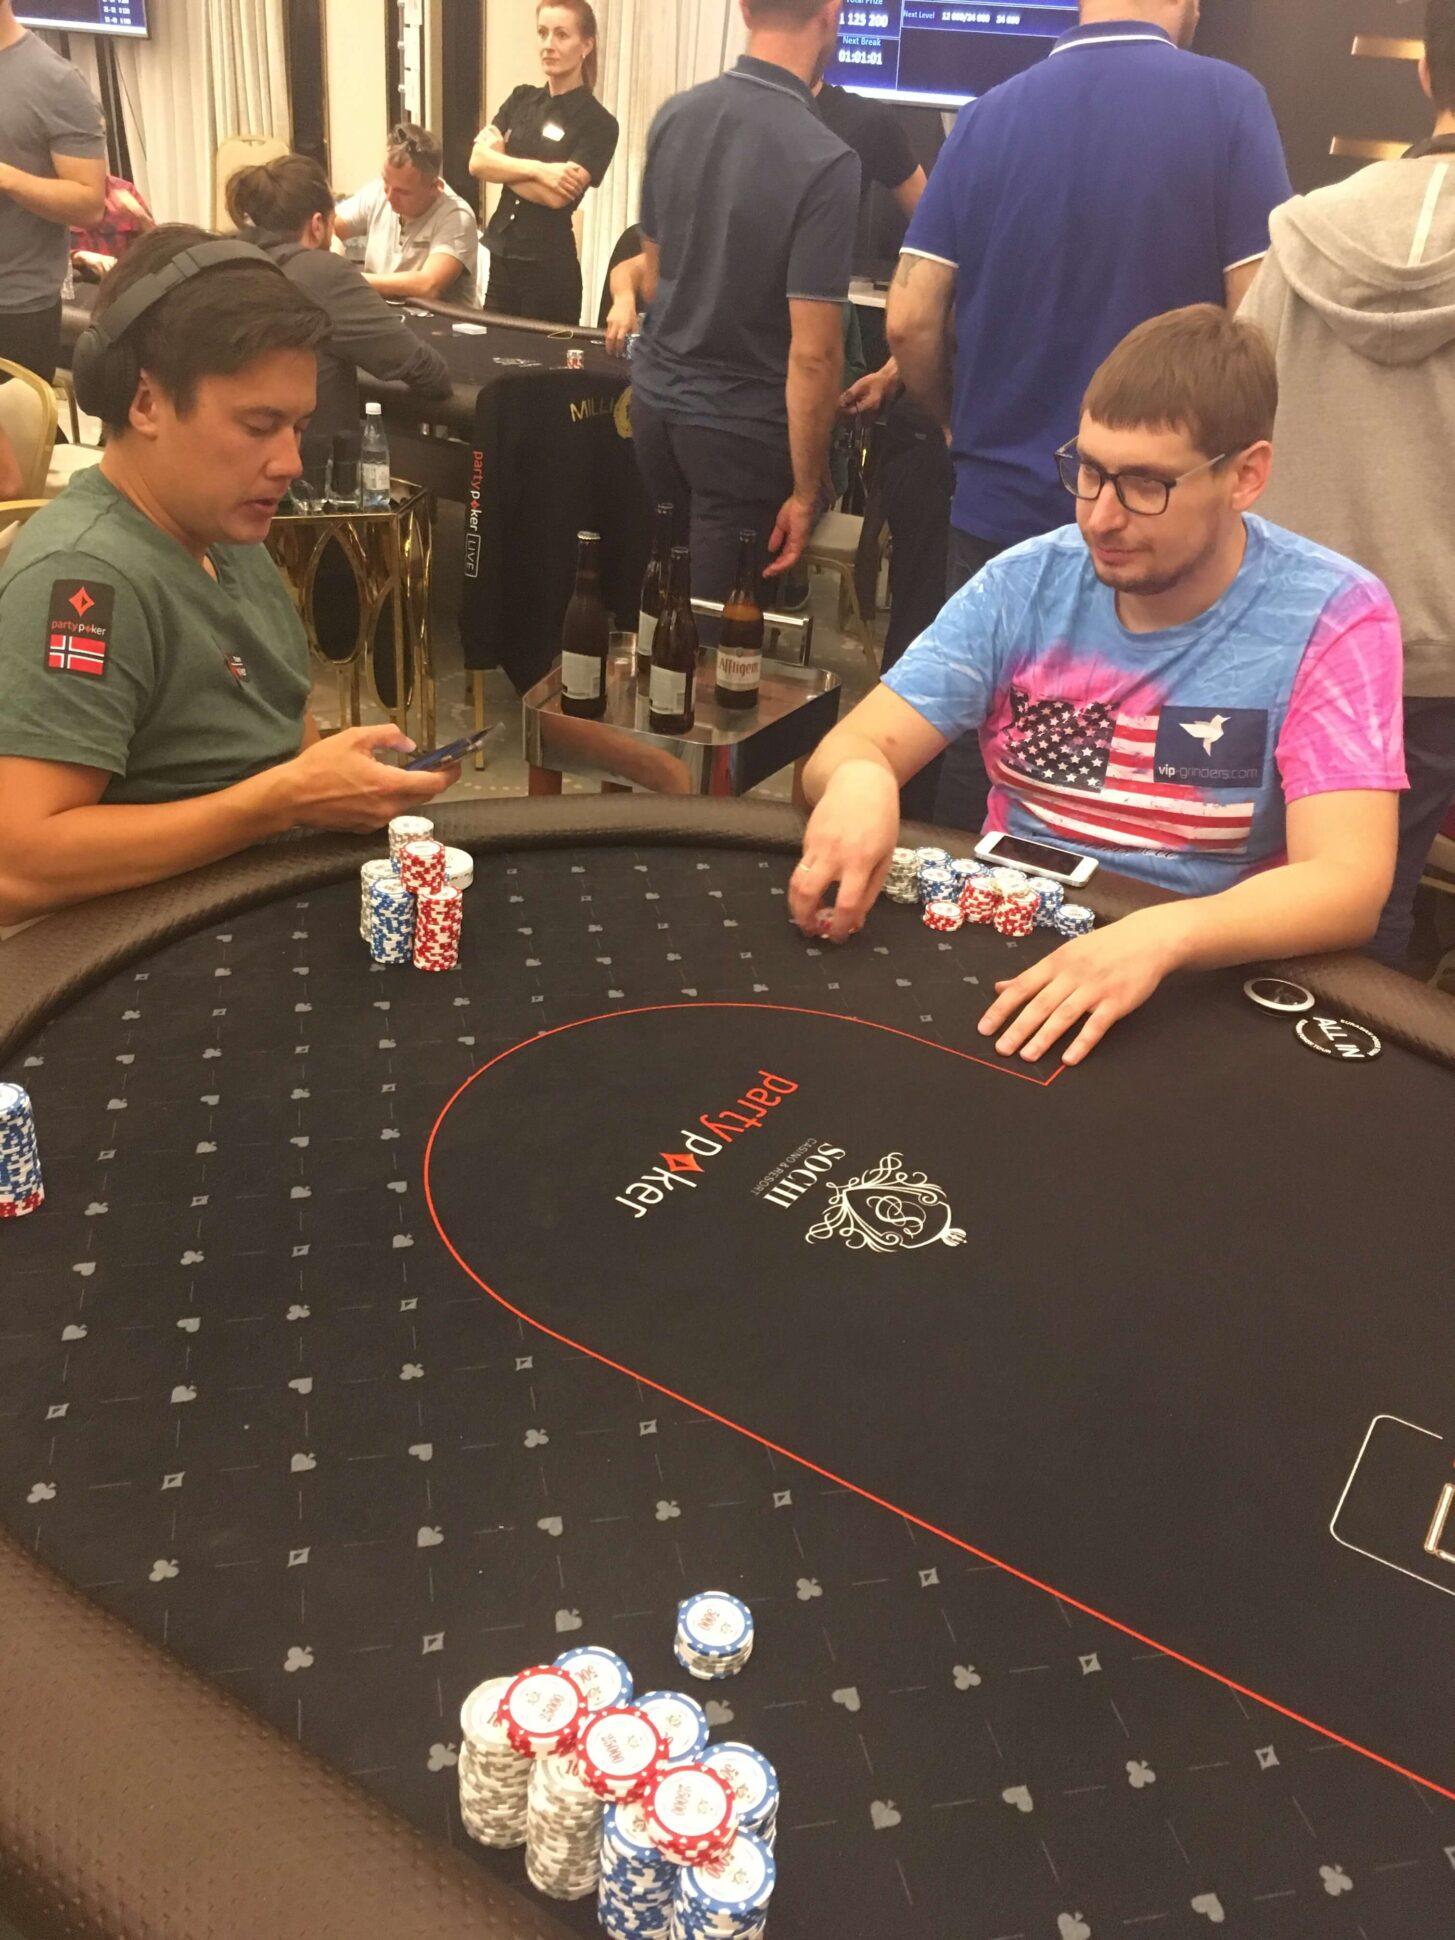 Student gambling